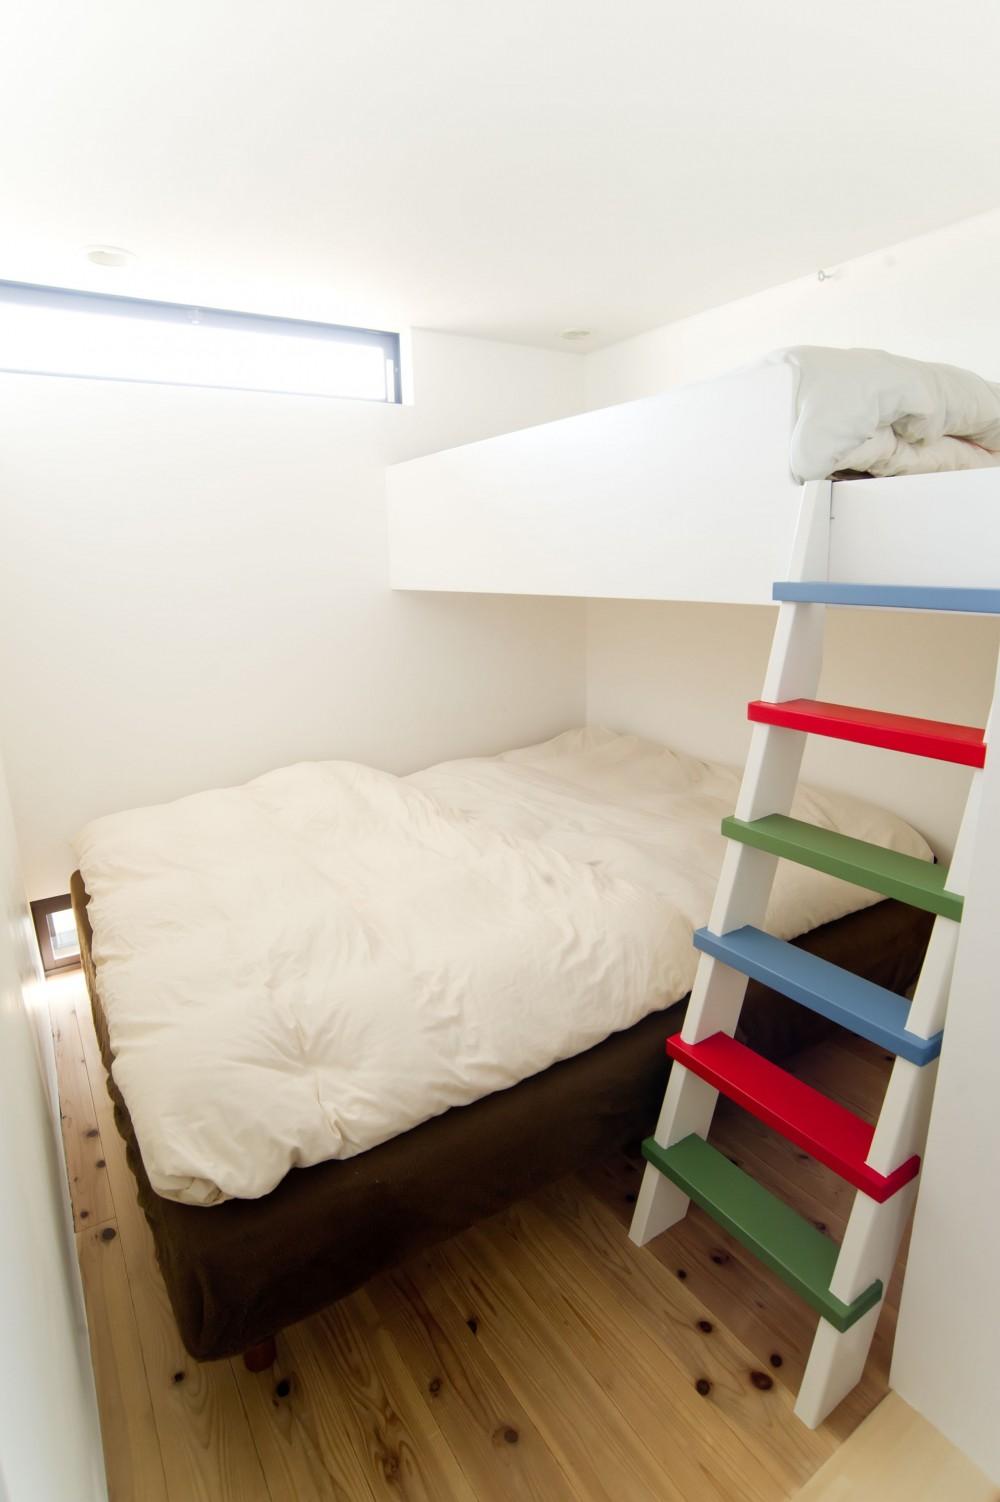 自分たちらしい住まいを求め、少しずつの変化を楽しむ住まい (Family Bedroom)